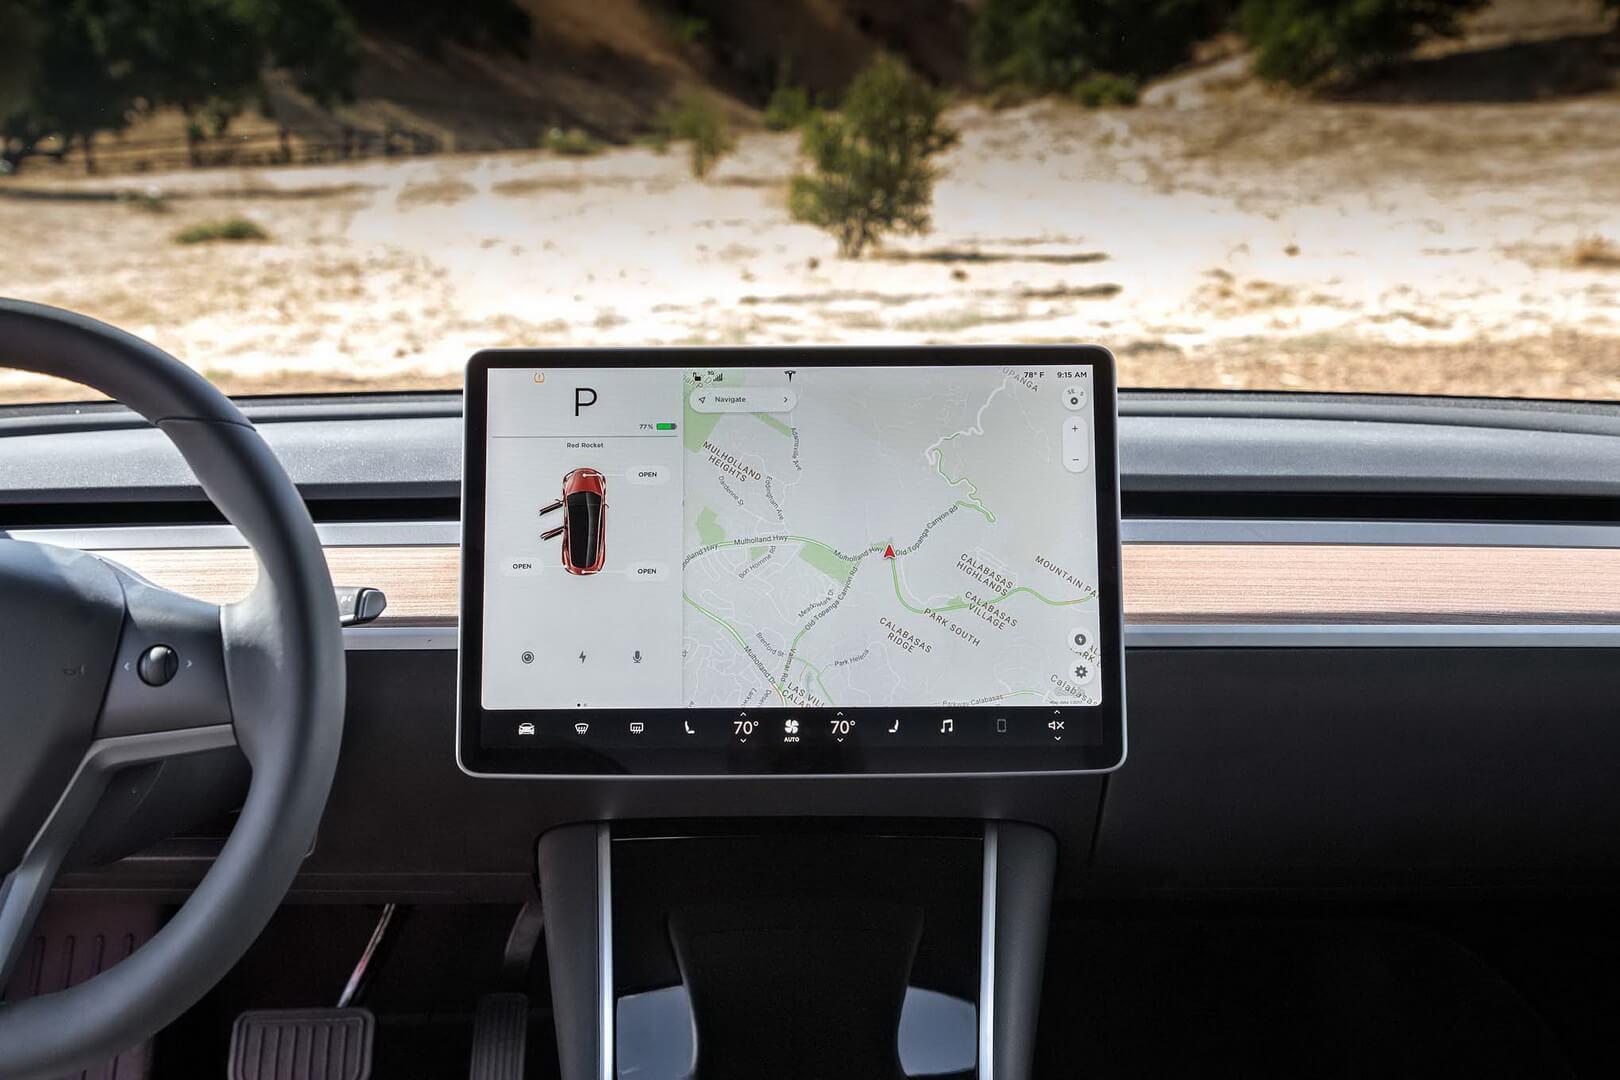 Информационный дисплей управления расположен по центру в Tesla Model 3